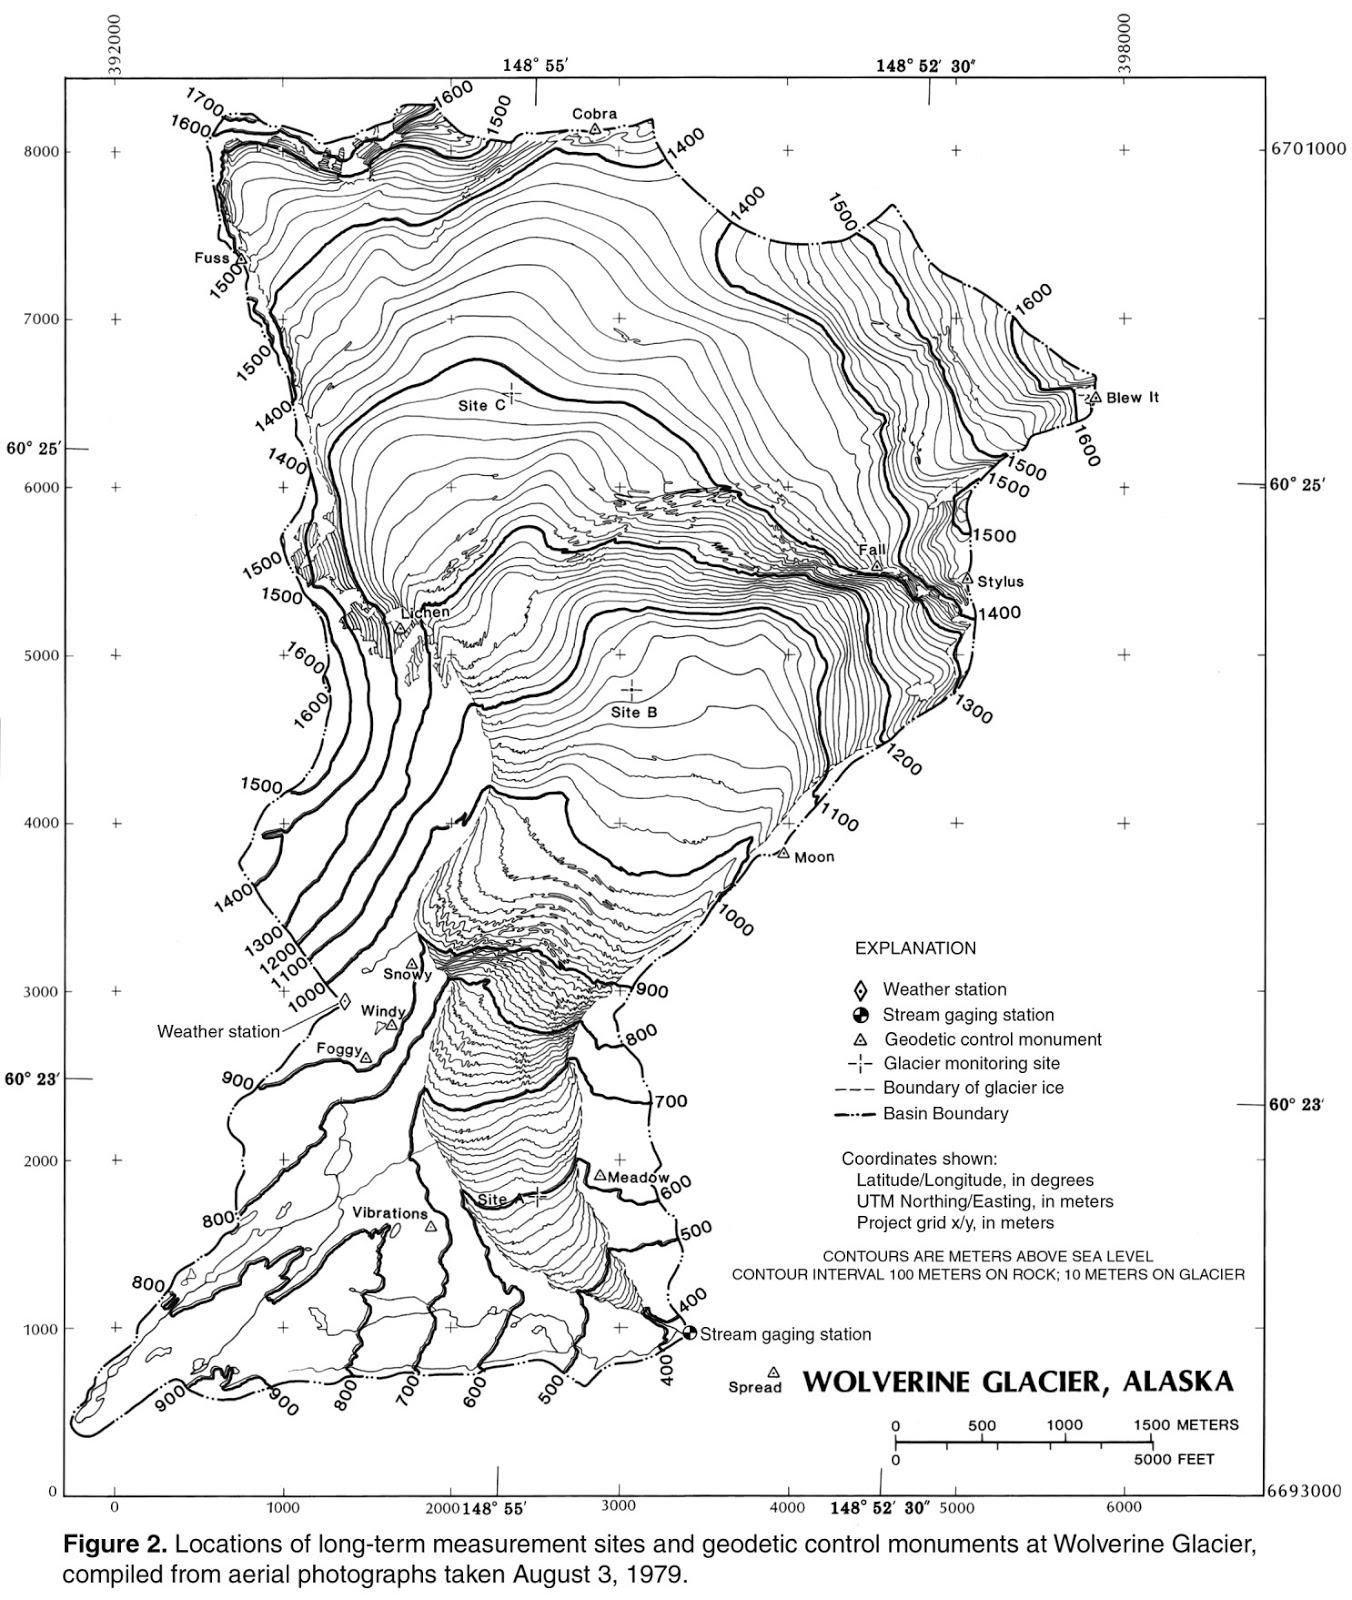 wolverine glacier topographic map